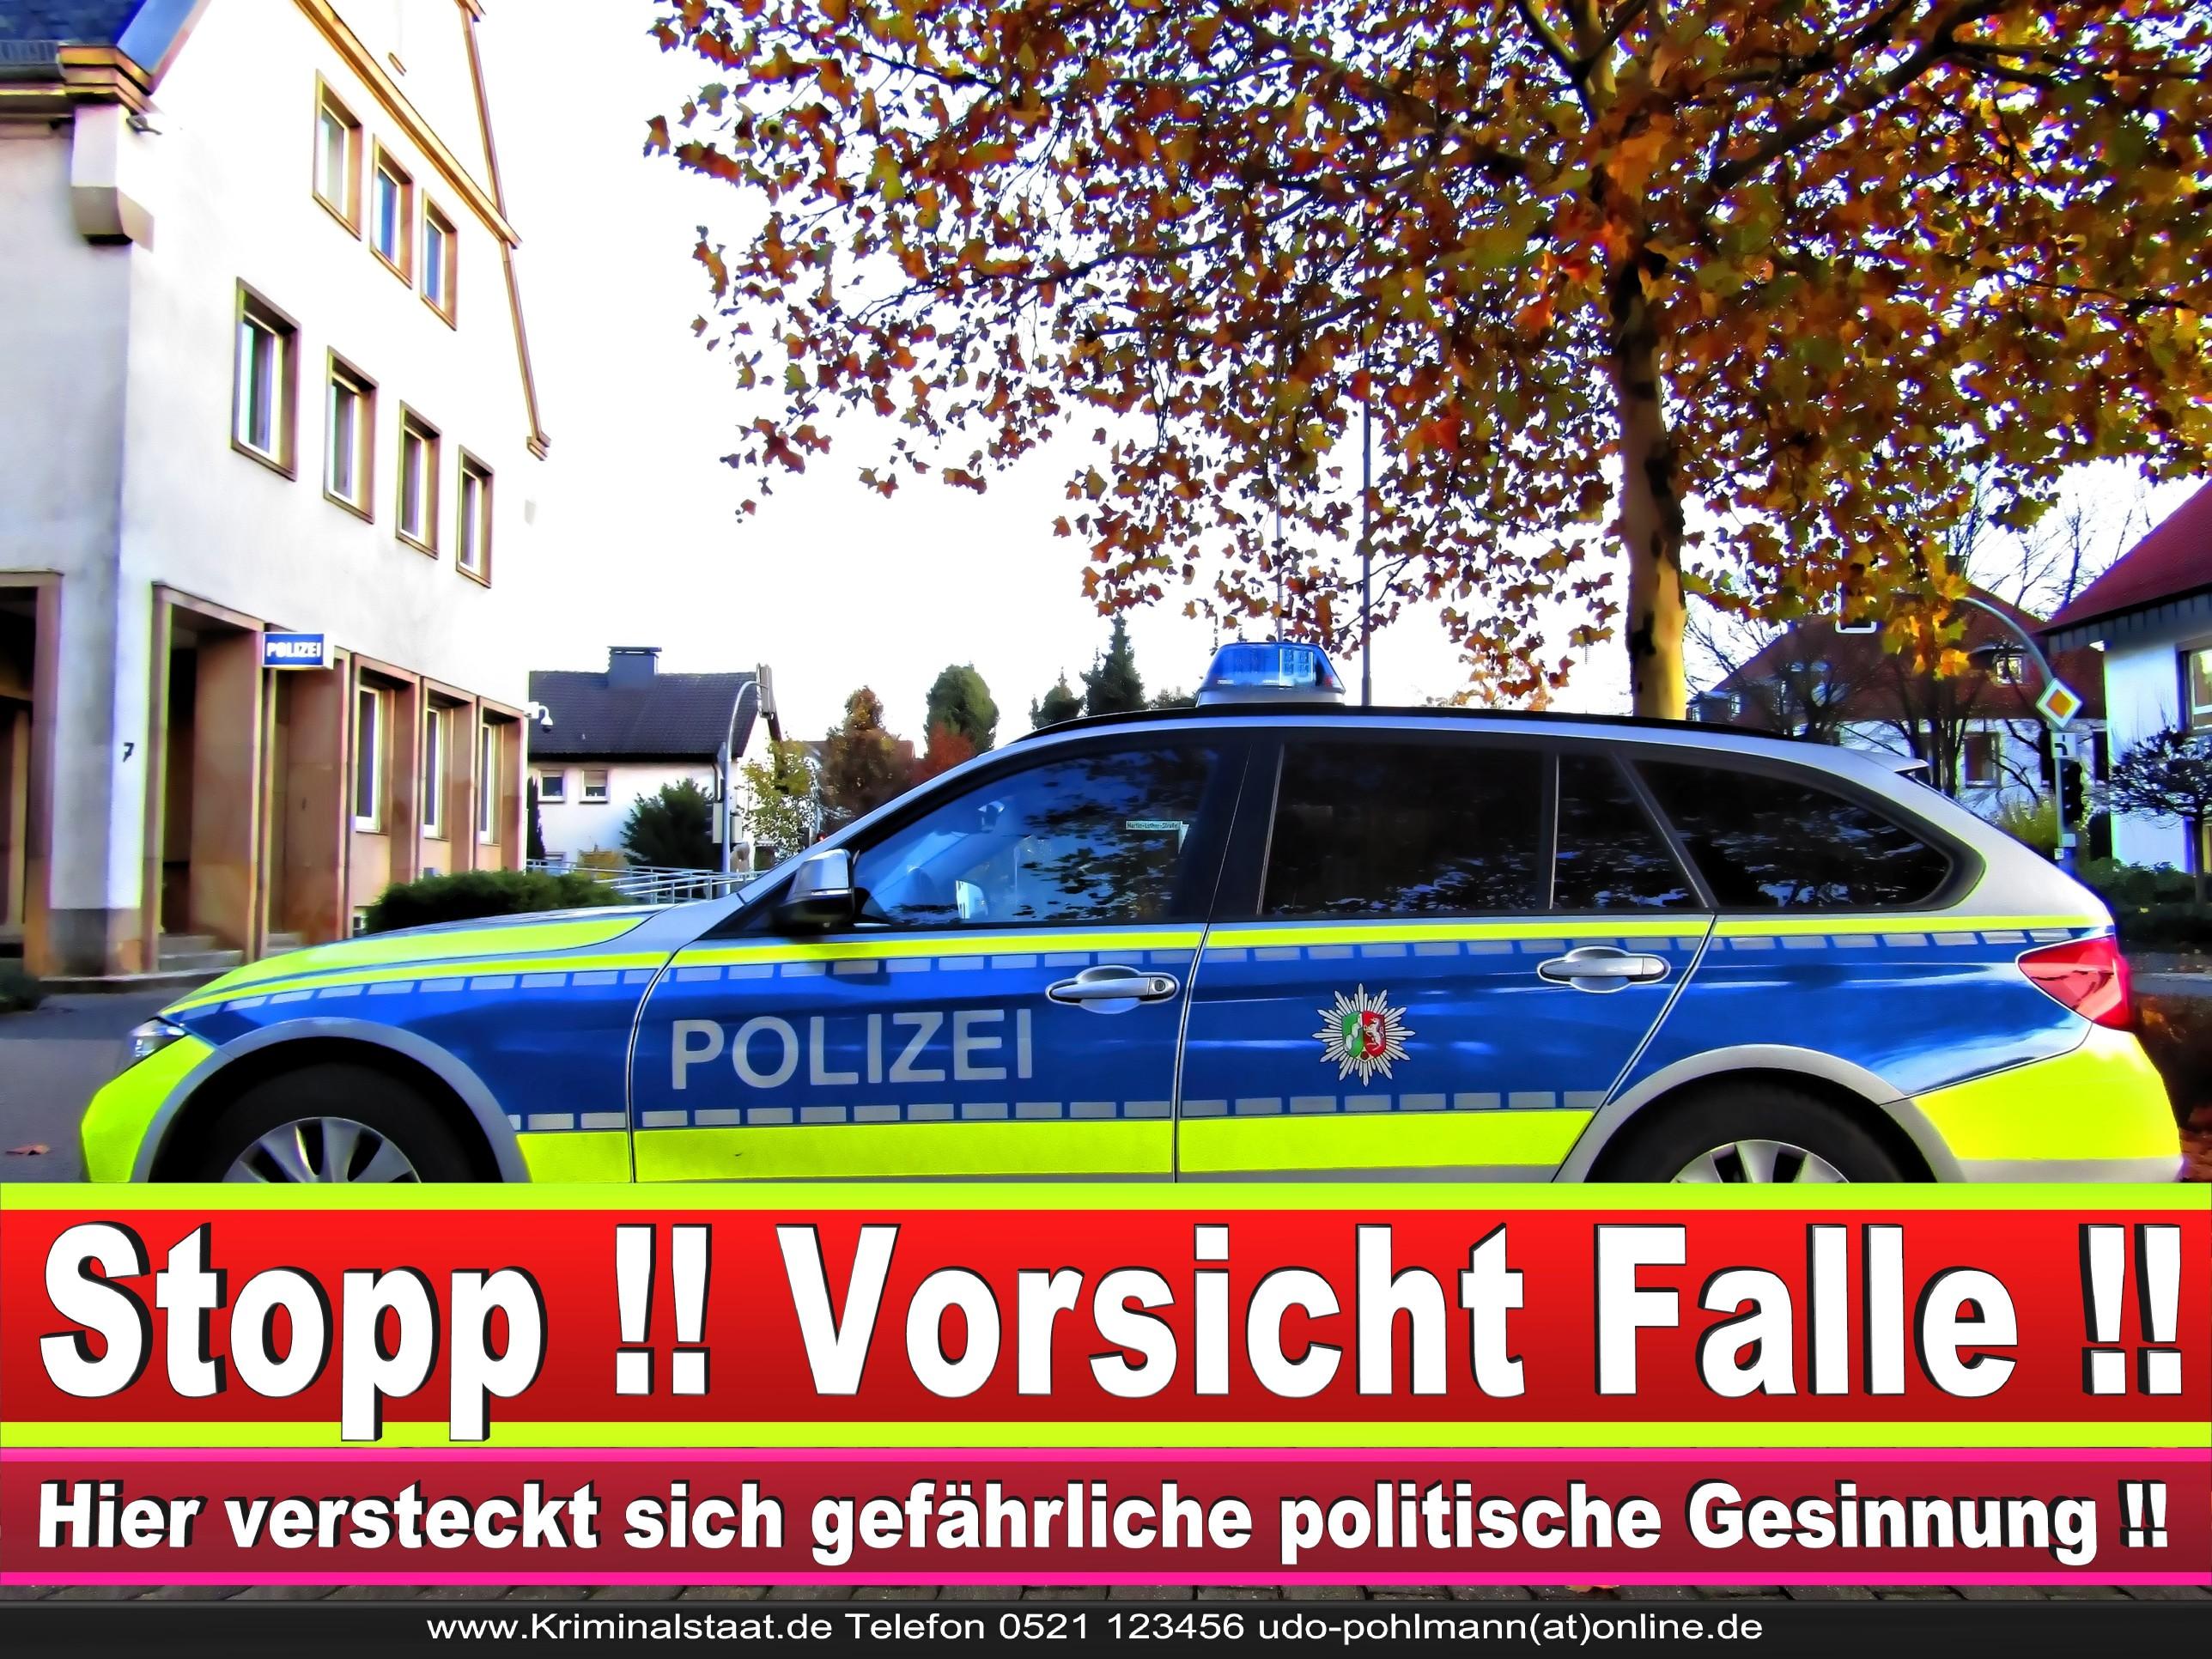 CDU Steinhagen Halle Harsewinkel Gütersloh Bielefeld Polizeirevier Polizisten Verurteilt Drogen Urteil Strafe Korruption Verbrechen Mafia Organisierte Kriminalität (5)